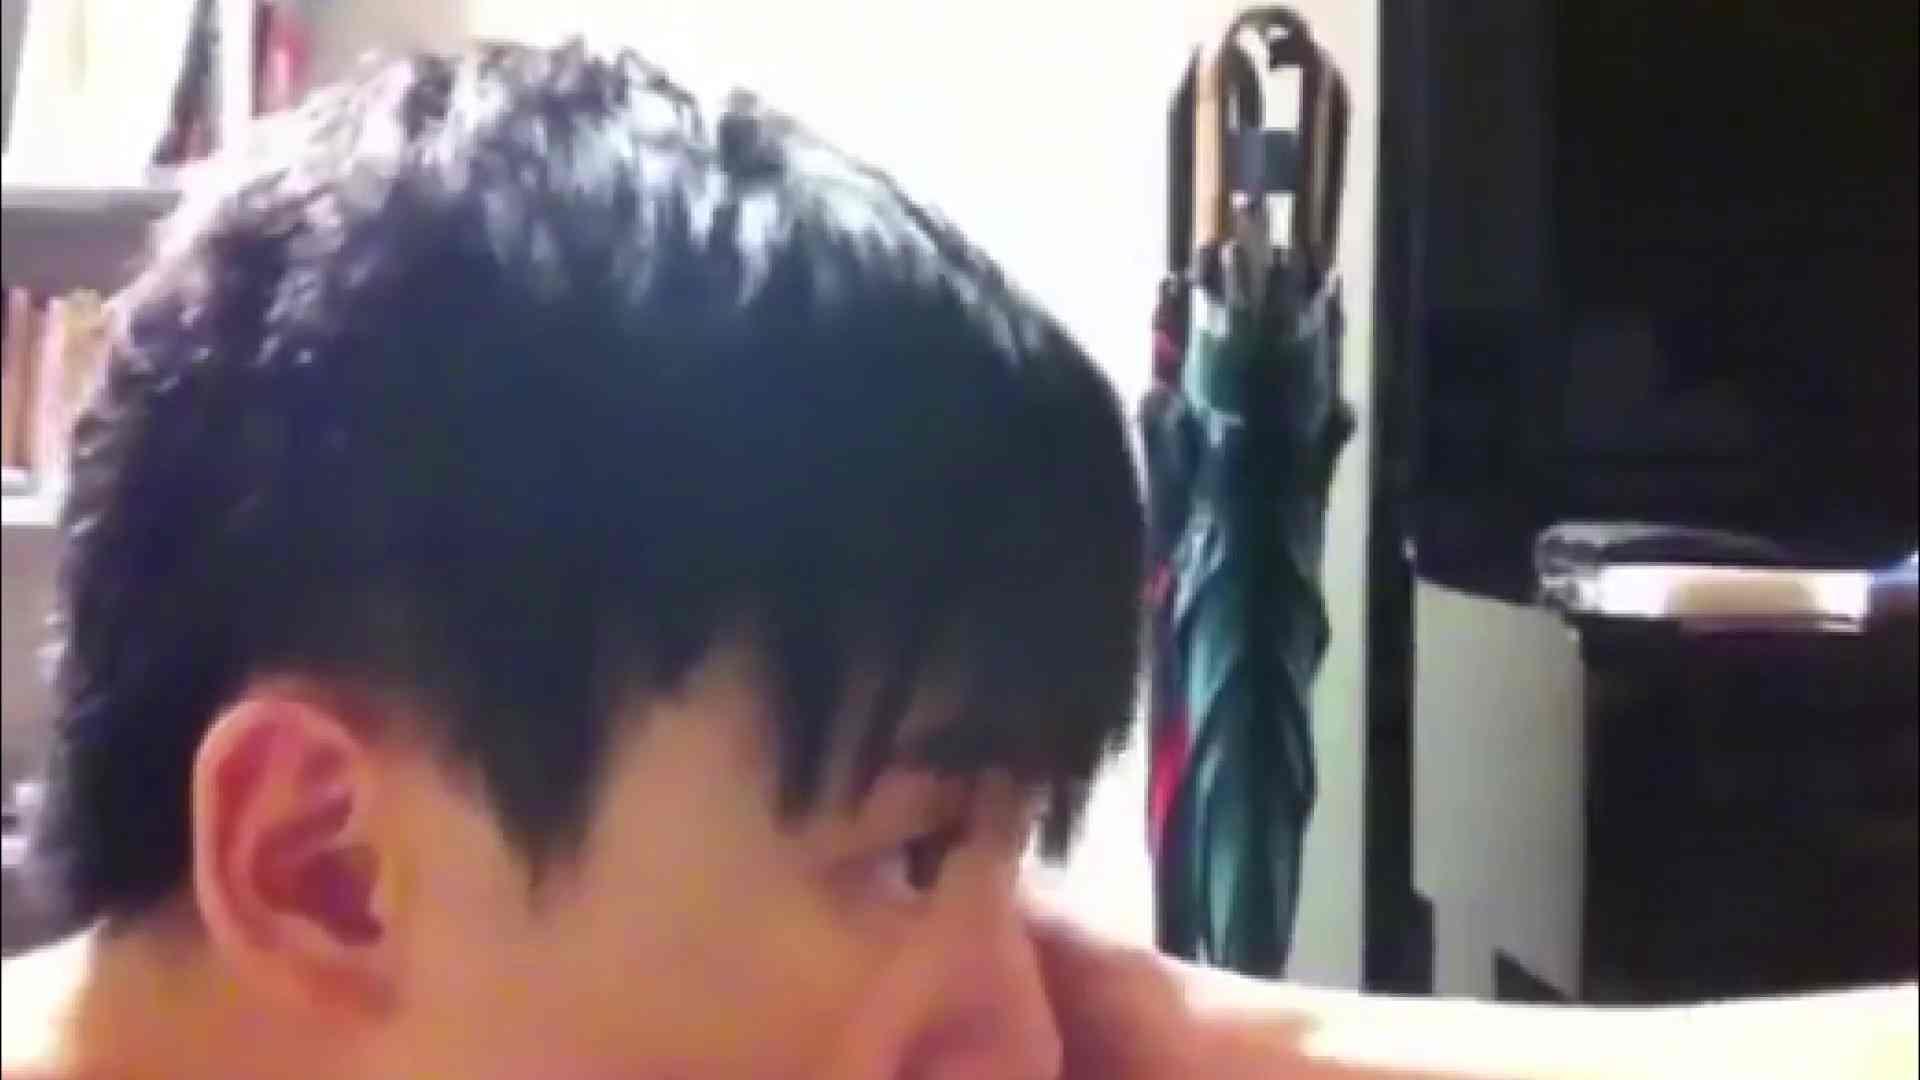 エロいフェラシーンをピックアップvol42 エロ動画 ゲイセックス画像 84枚 61